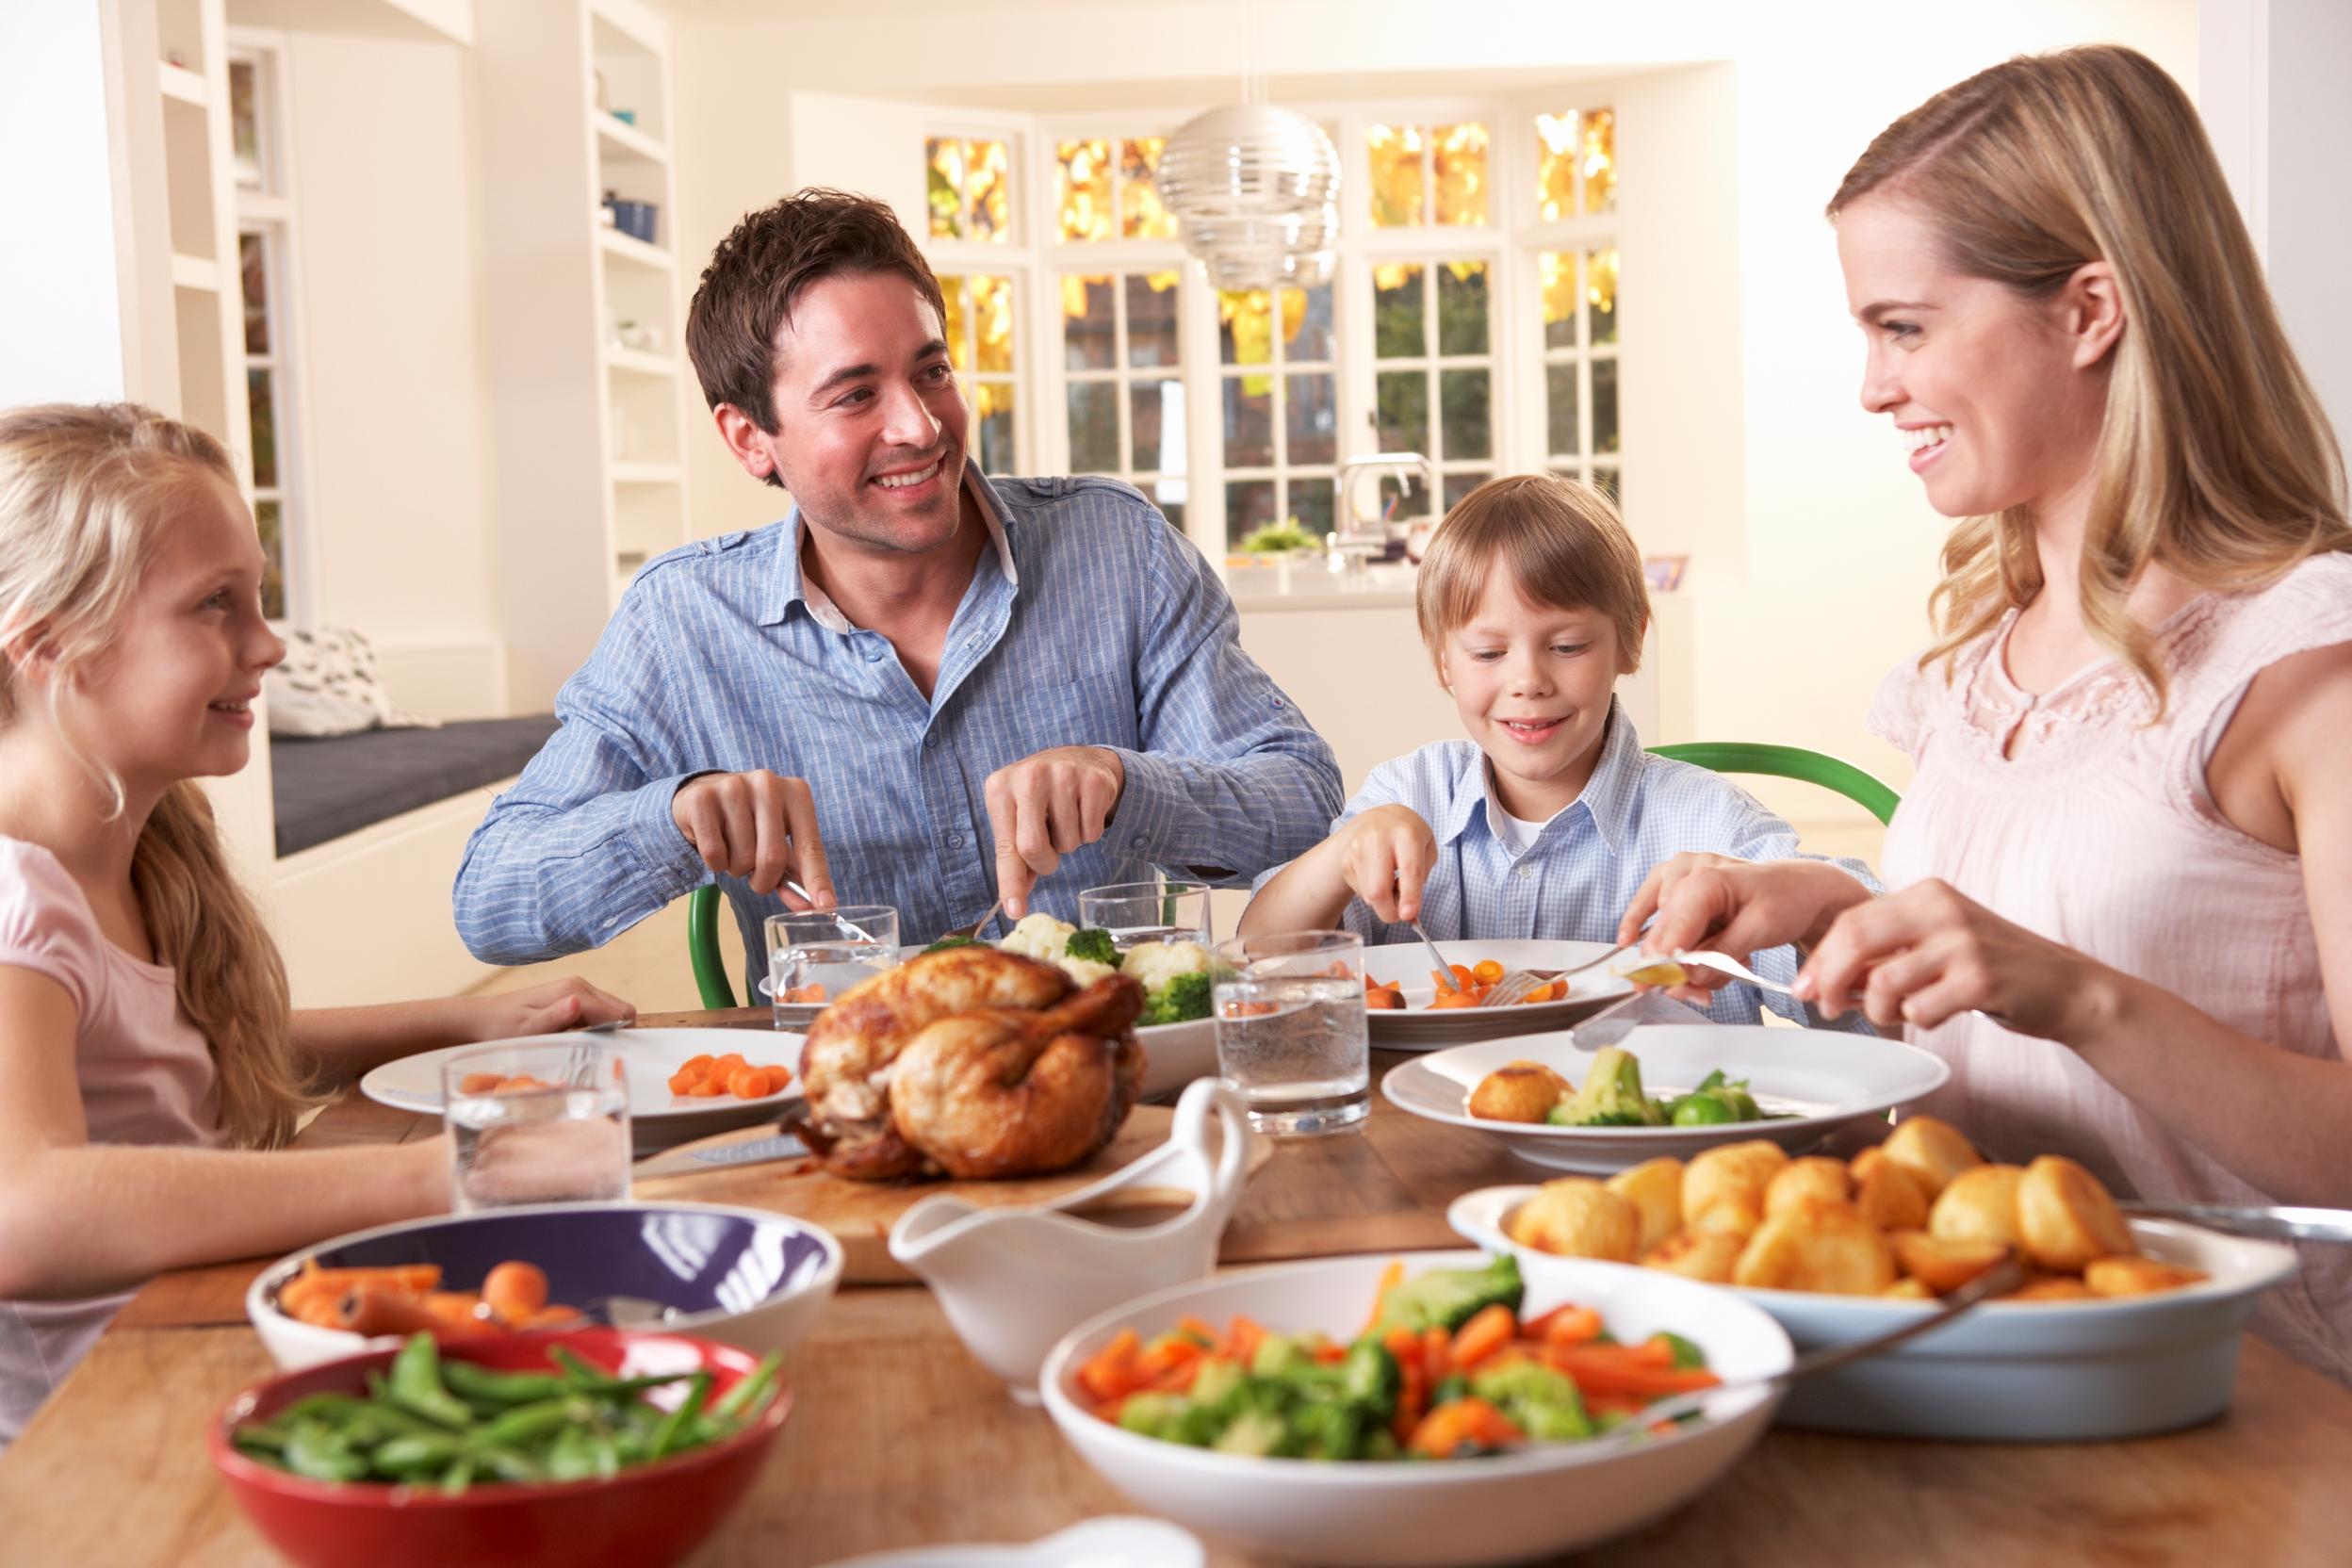 здоровое питание для всей семьи картинки годы актер считался